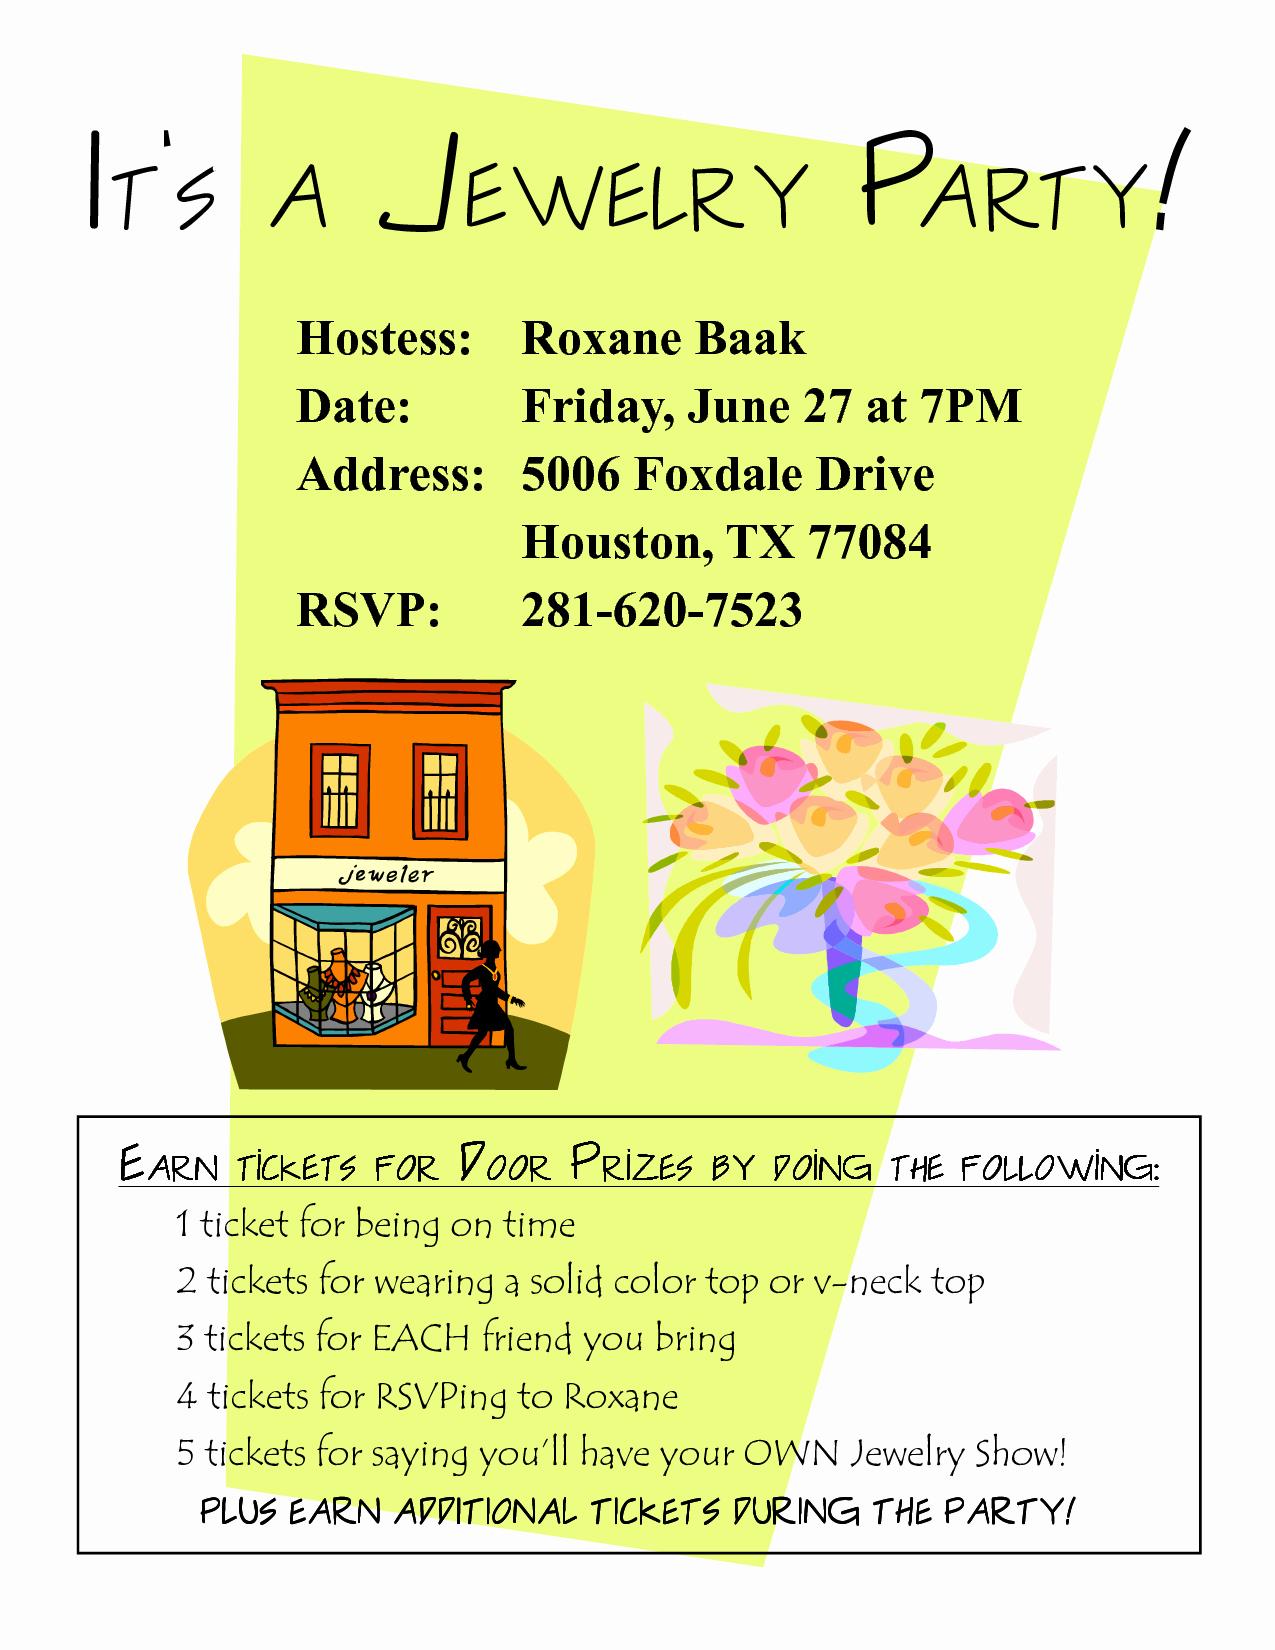 Jewelry Party Invitation Template Unique Sample Jewelry Party Invitation